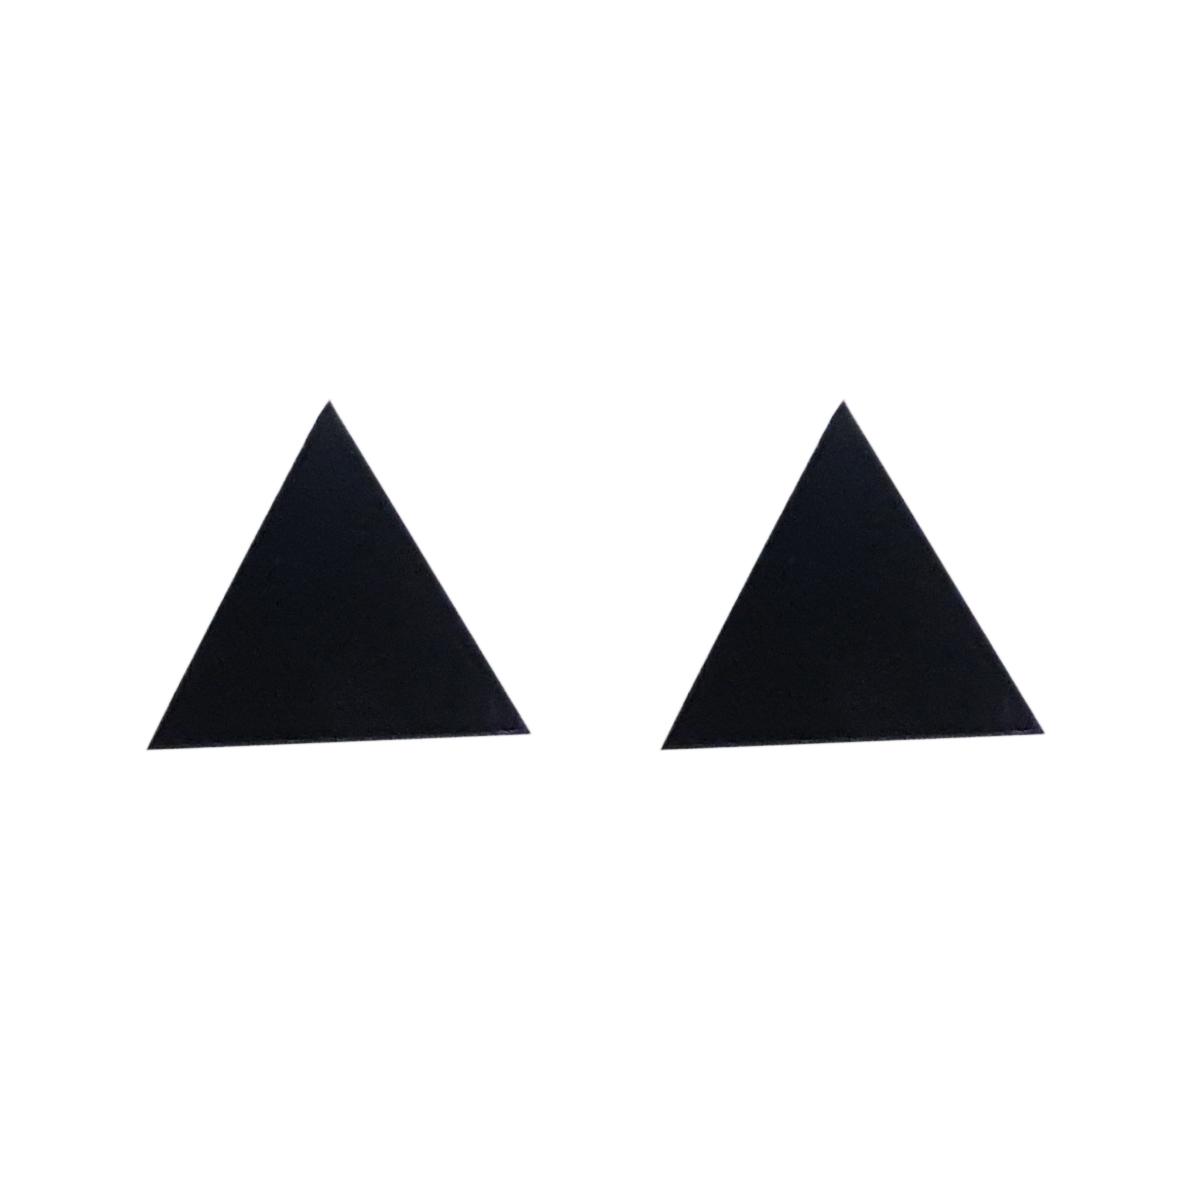 قیمت گوشواره مگنتی زنانه طرح مثلث مدل YG-17